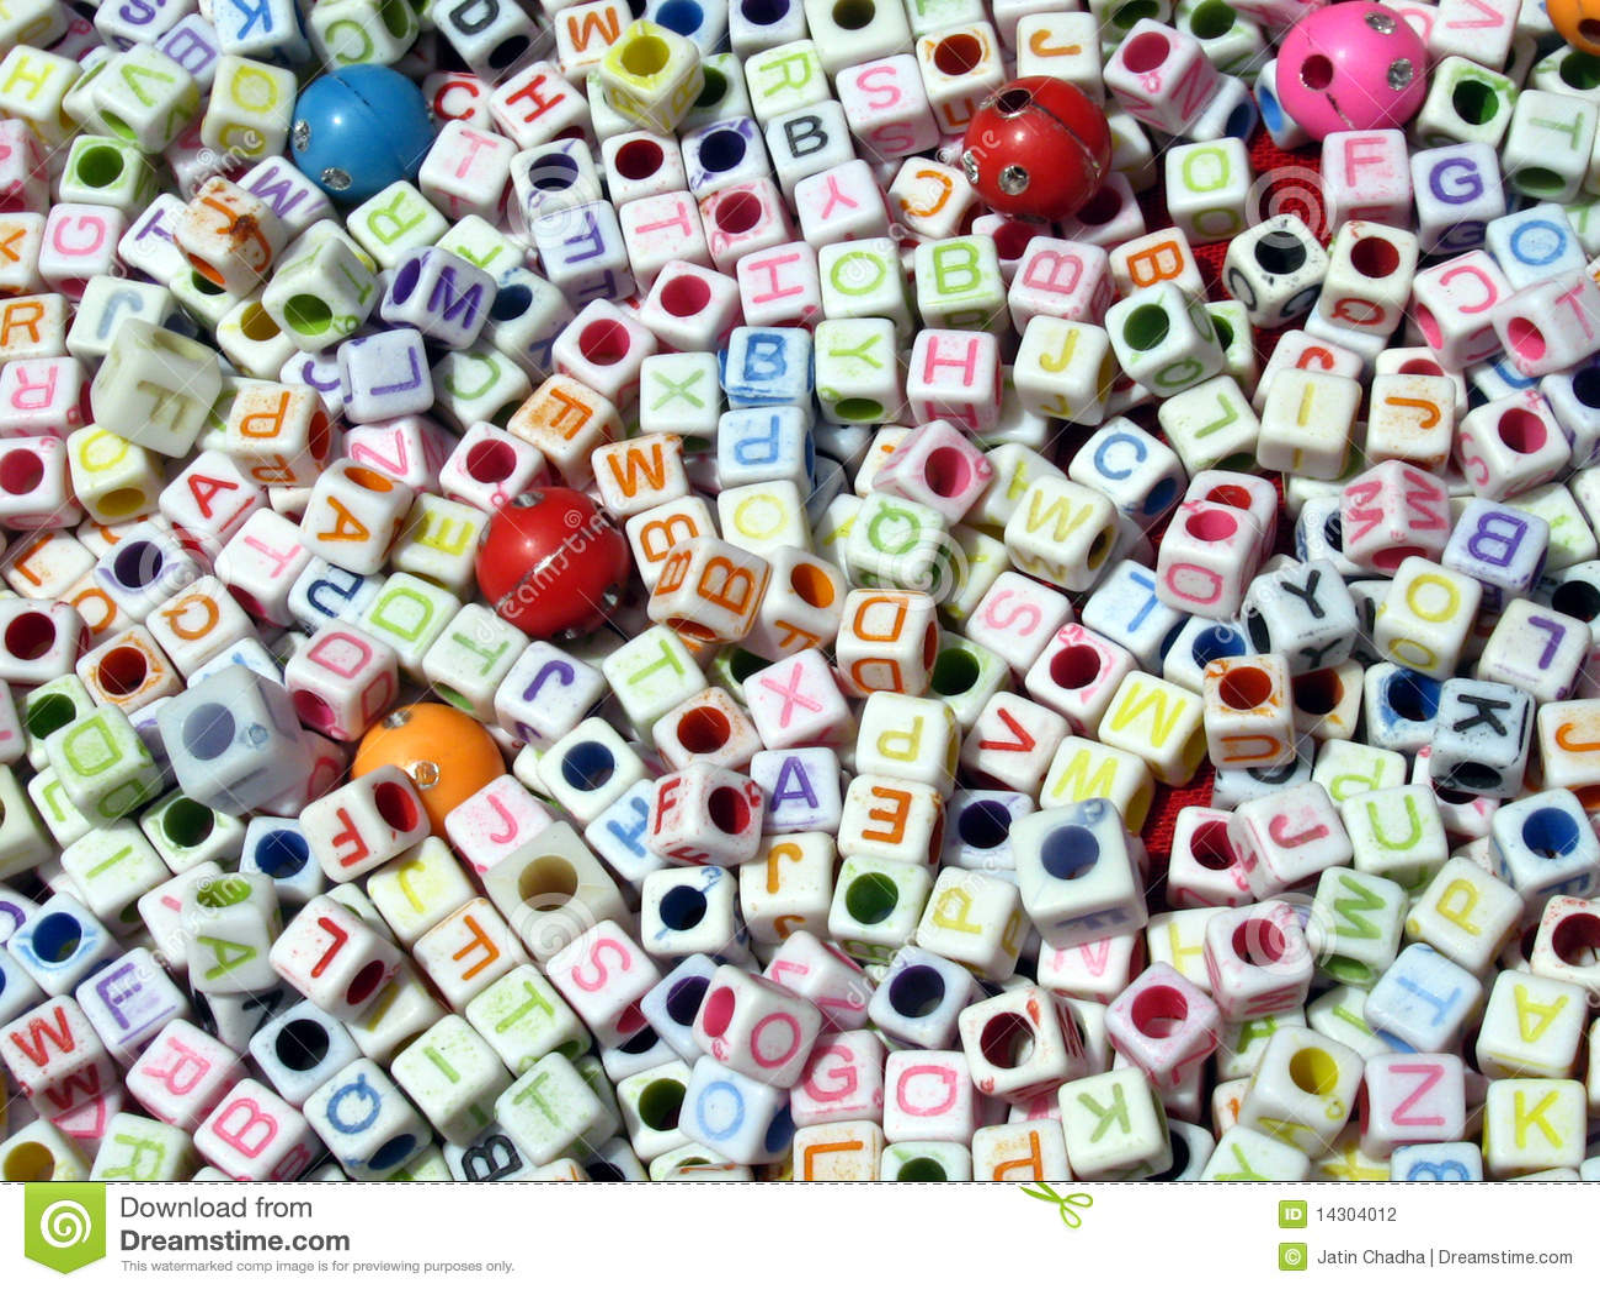 alphabetical order worksheets alphabetical alphabetical alphabetical alphabetical